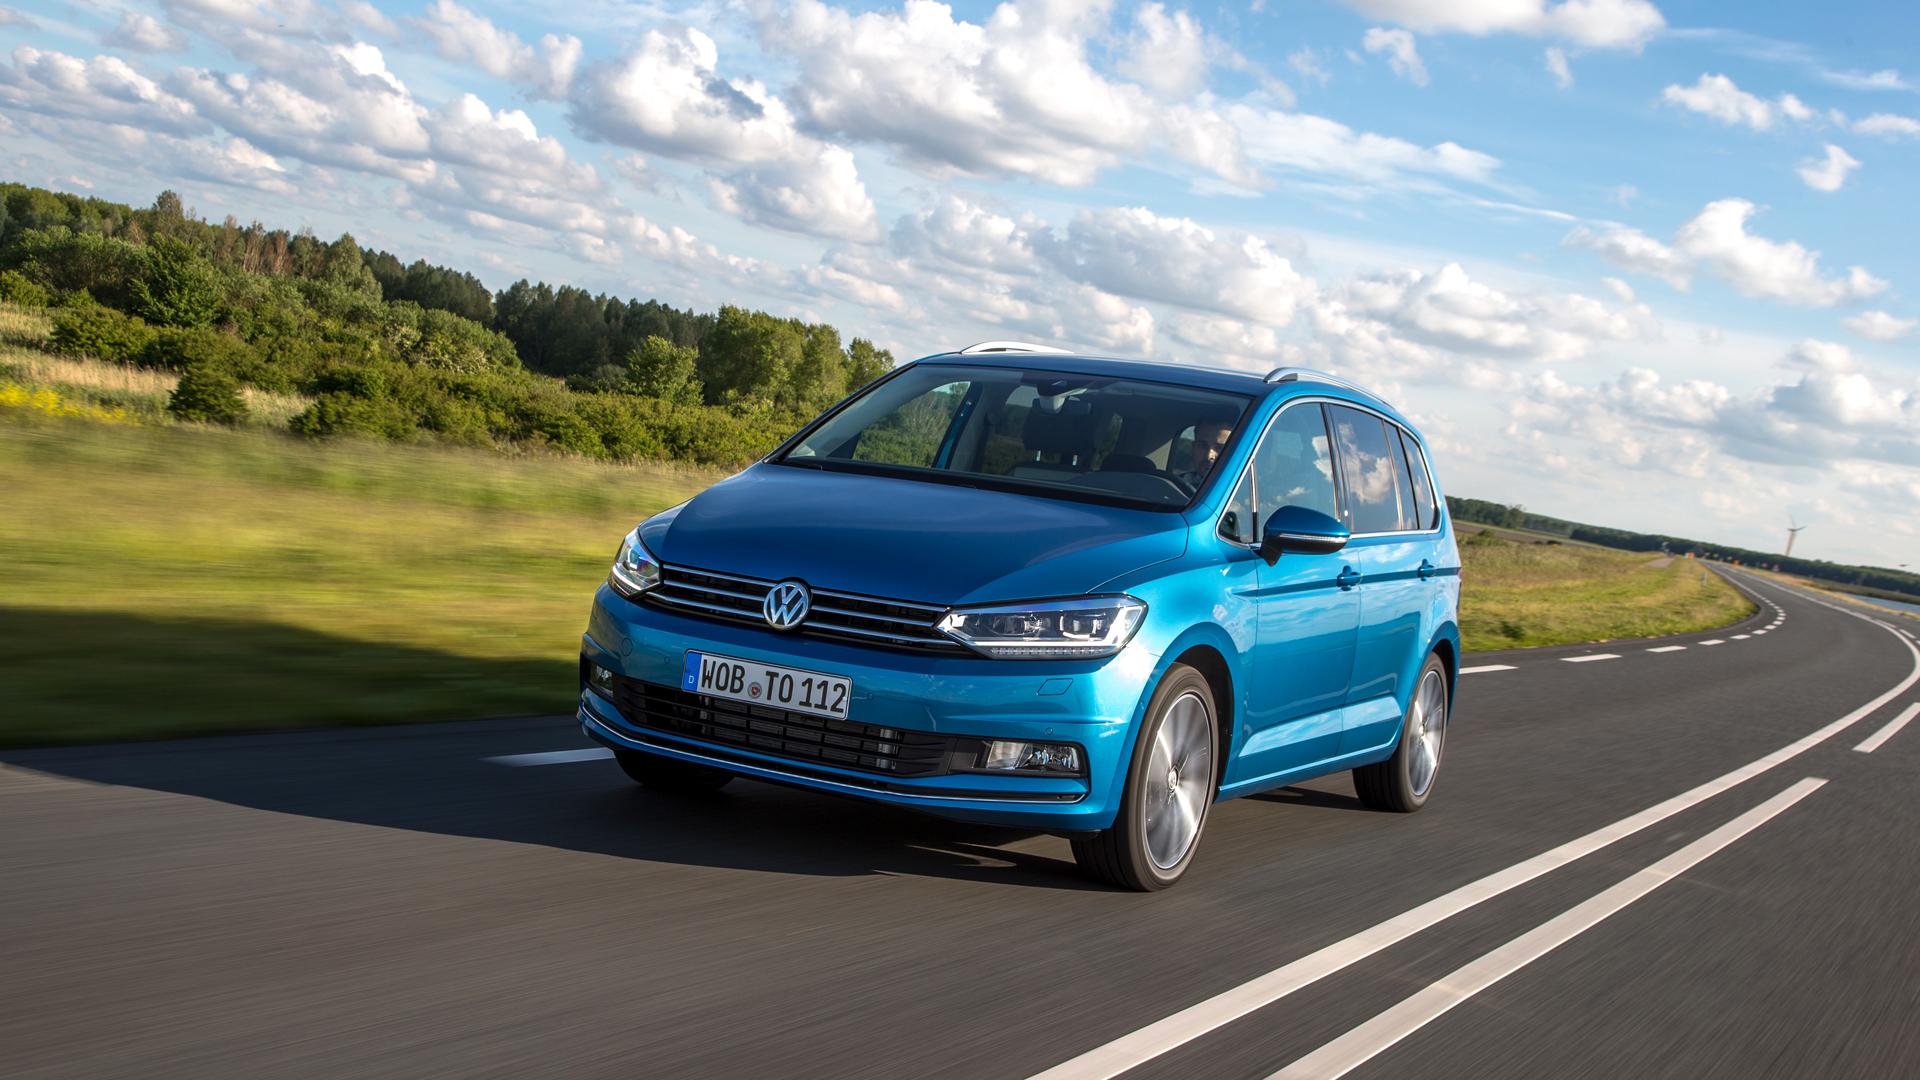 Тест безупречного Volkswagen с двумя недостатками. Фото 5